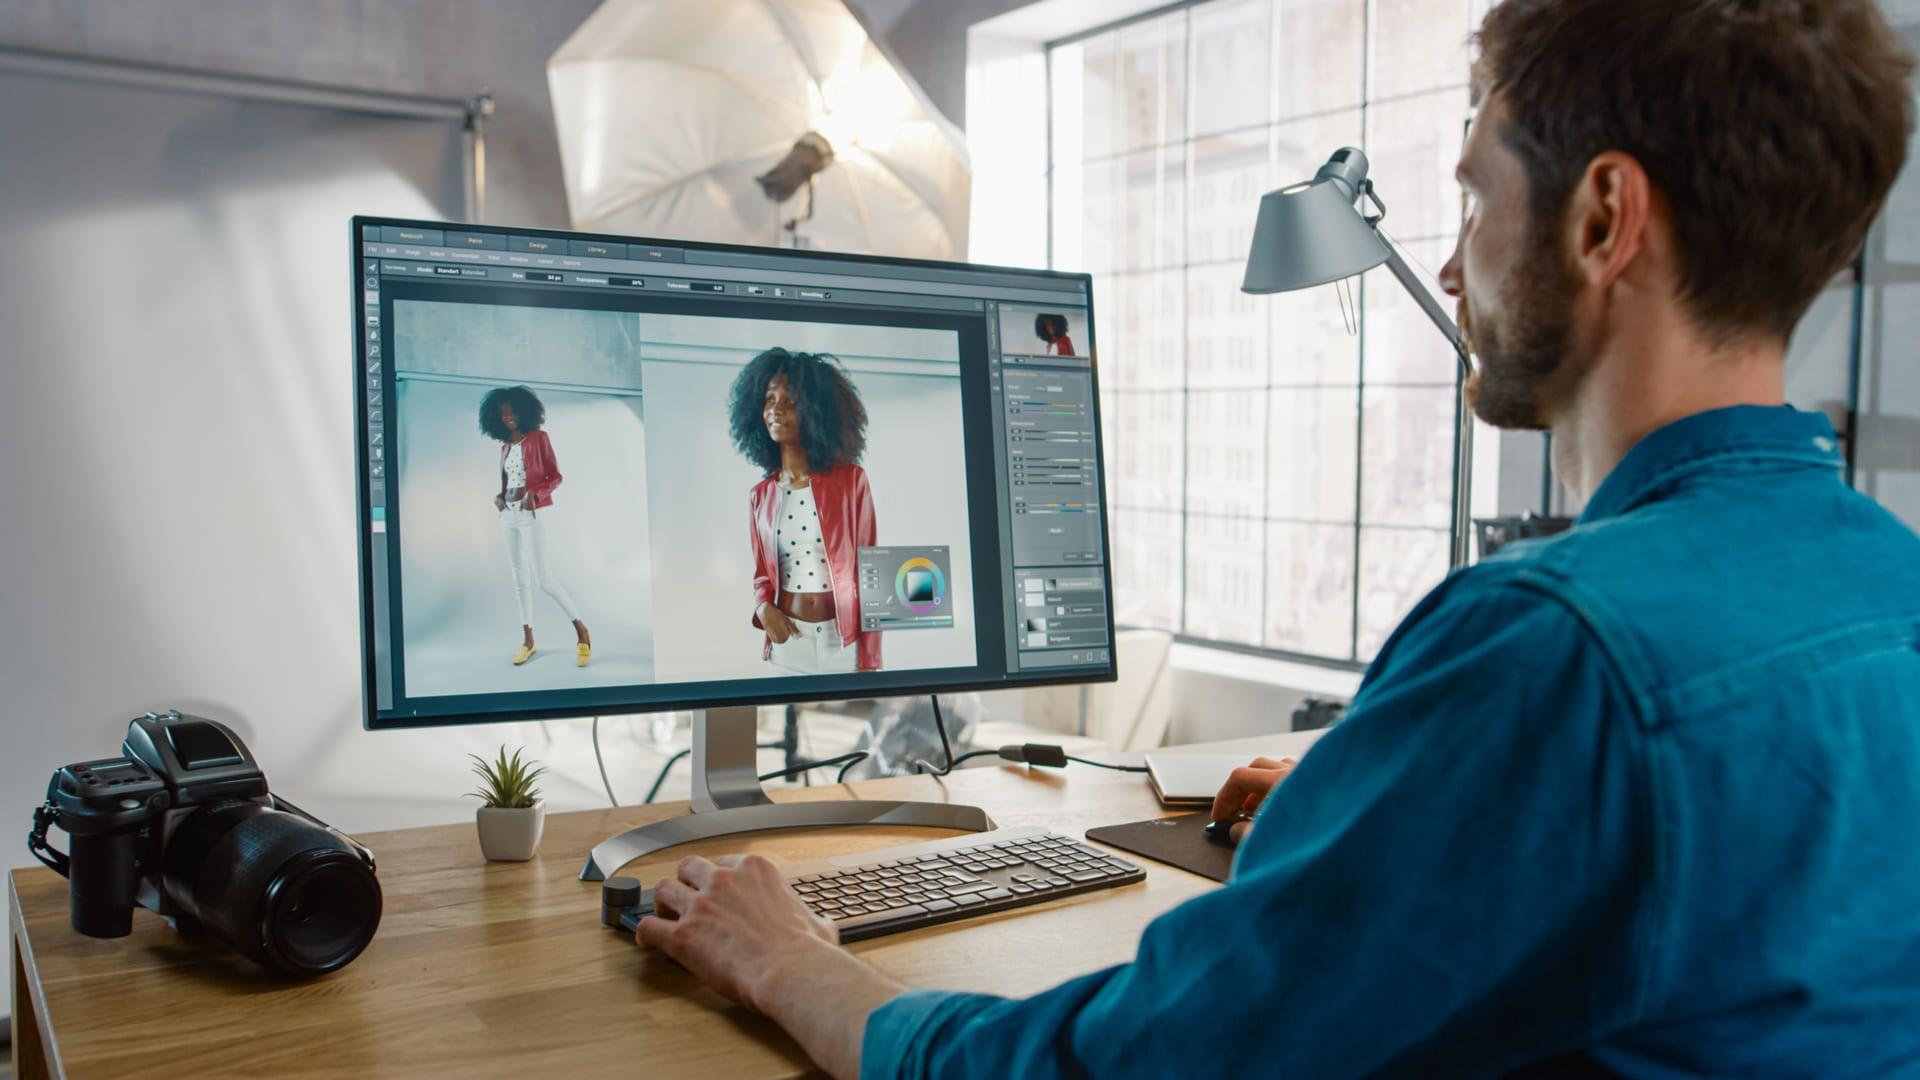 Há aplicativos disponíveis para aumentar a resolução de uma imagem (Foto: Reprodução/Shutterstock)